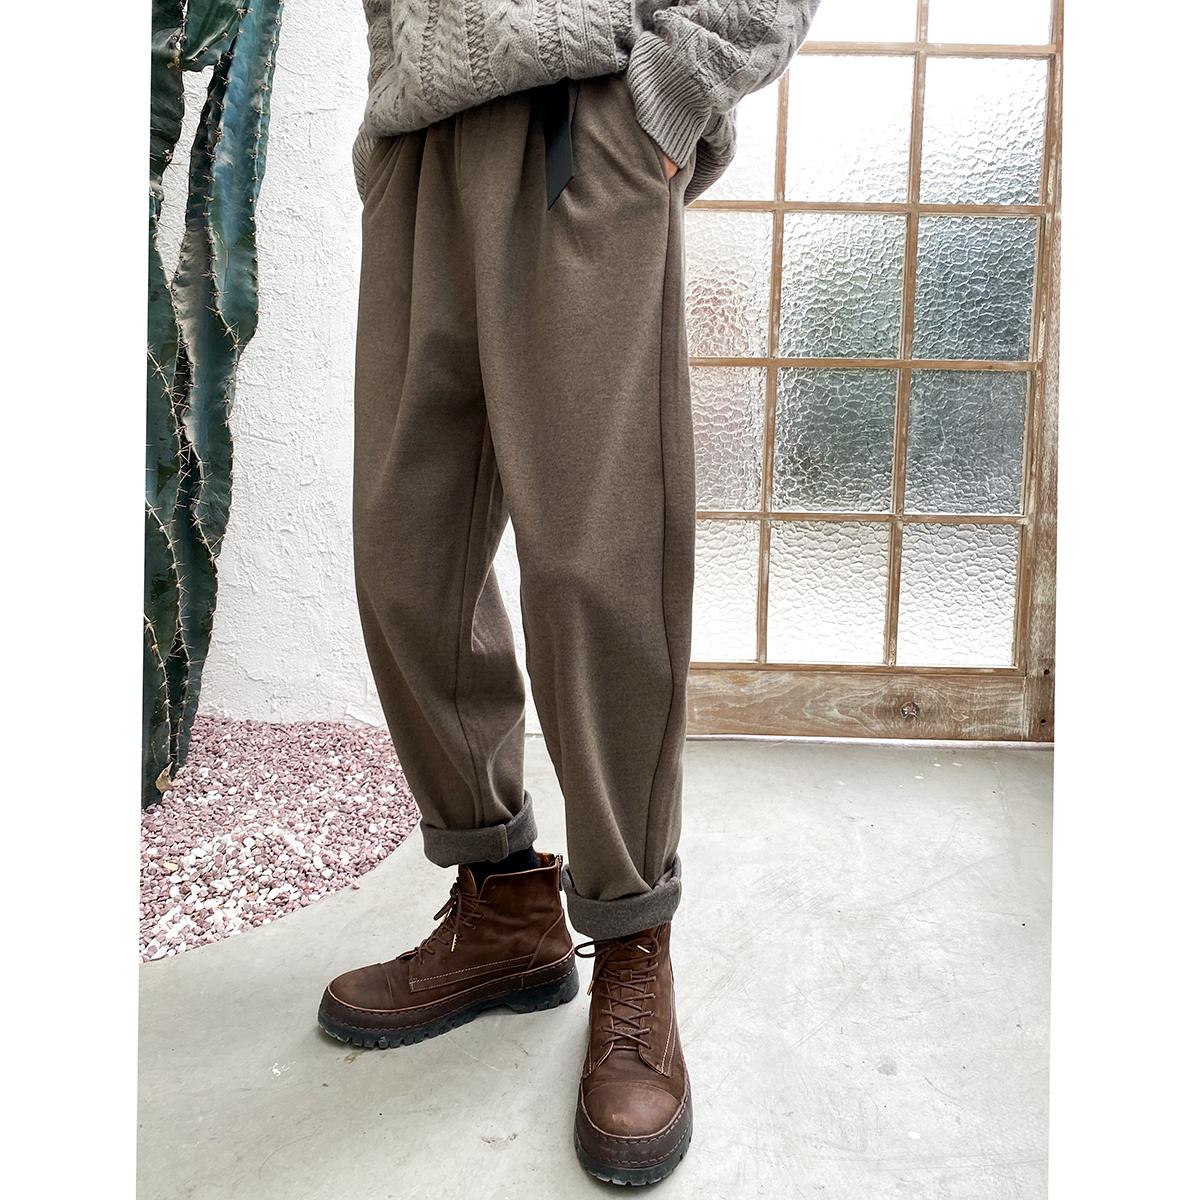 南乙呢子裤男直筒宽松2020冬季韩版潮流毛呢西裤男加厚呢料休闲裤